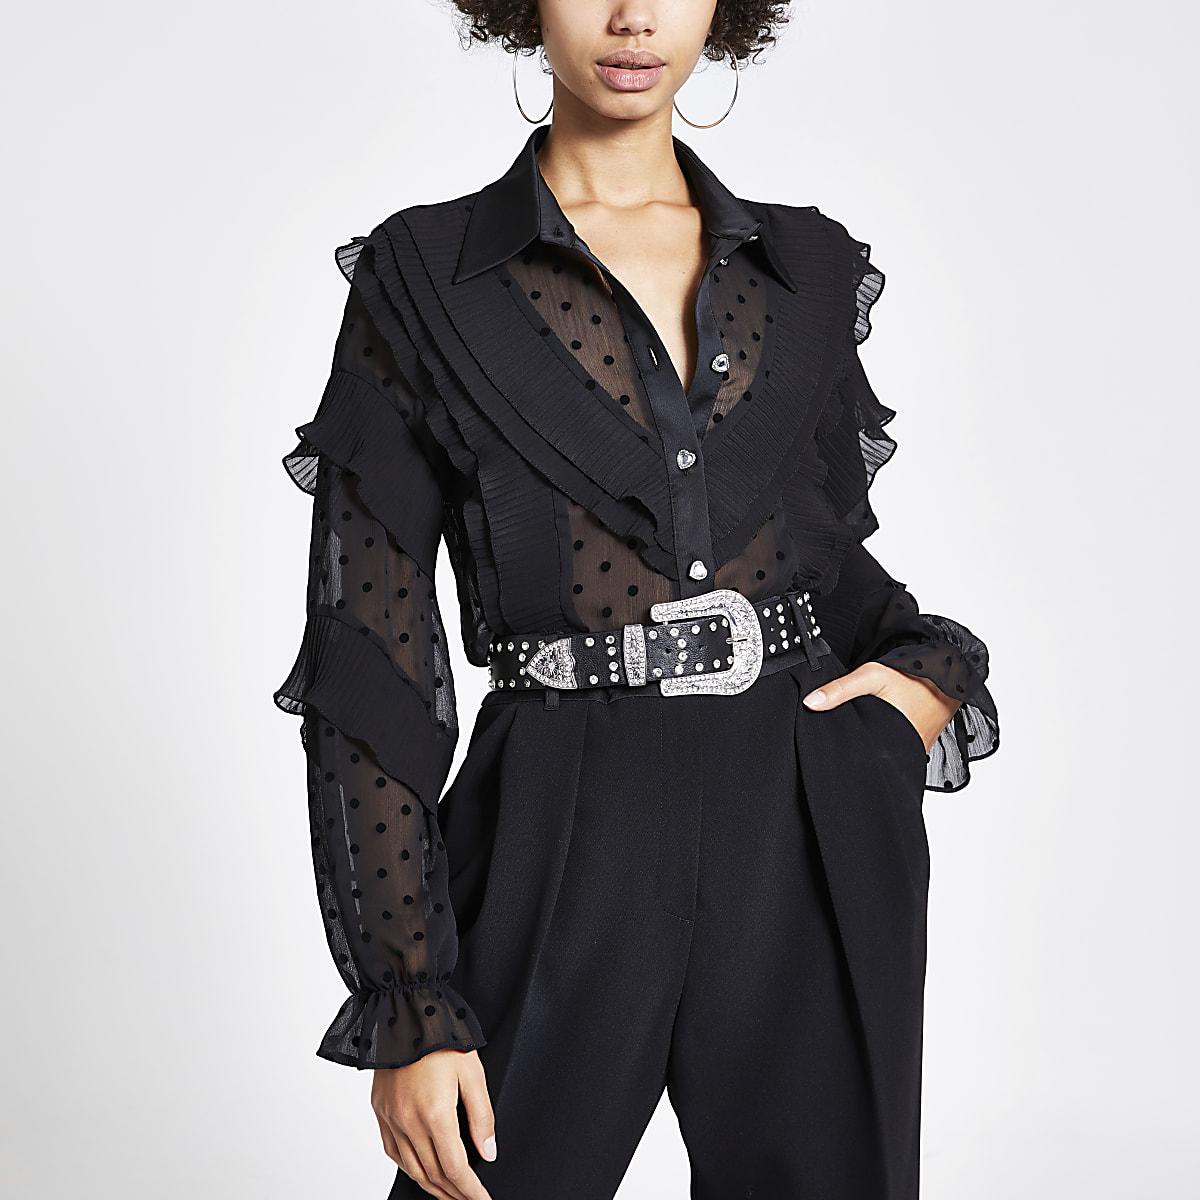 Zwart overhemd met stippen, ruches en lange mouwen